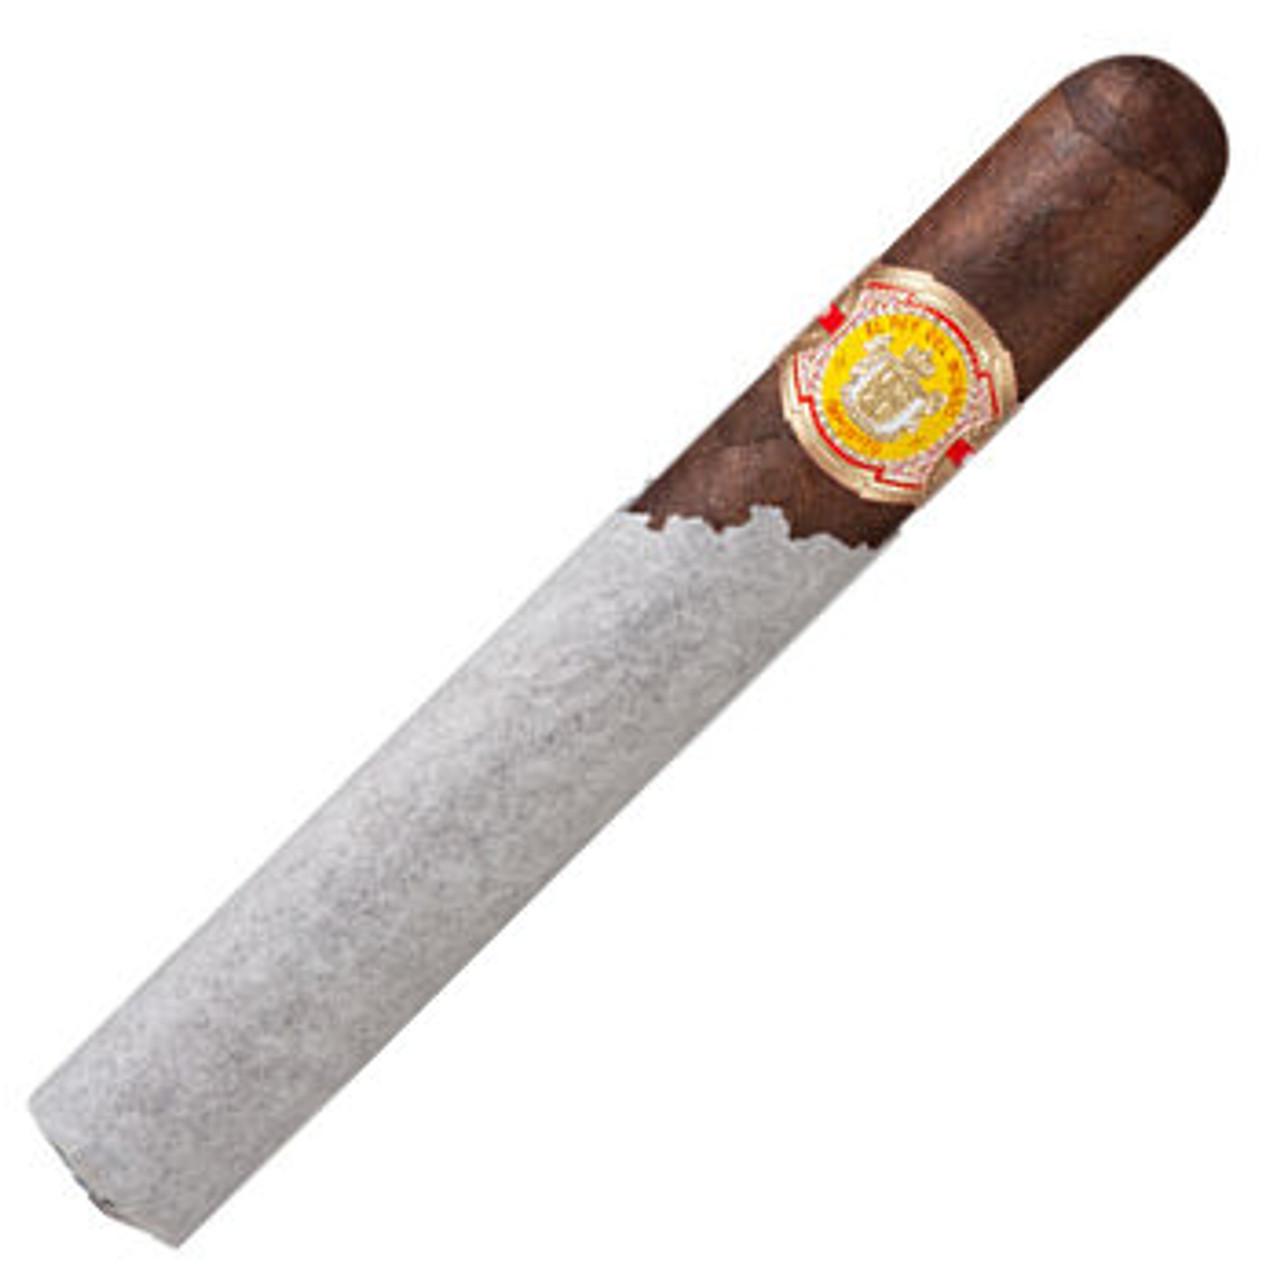 El Rey del Mundo Robusto Larga Cigars - 6 x 54 (Box of 20)